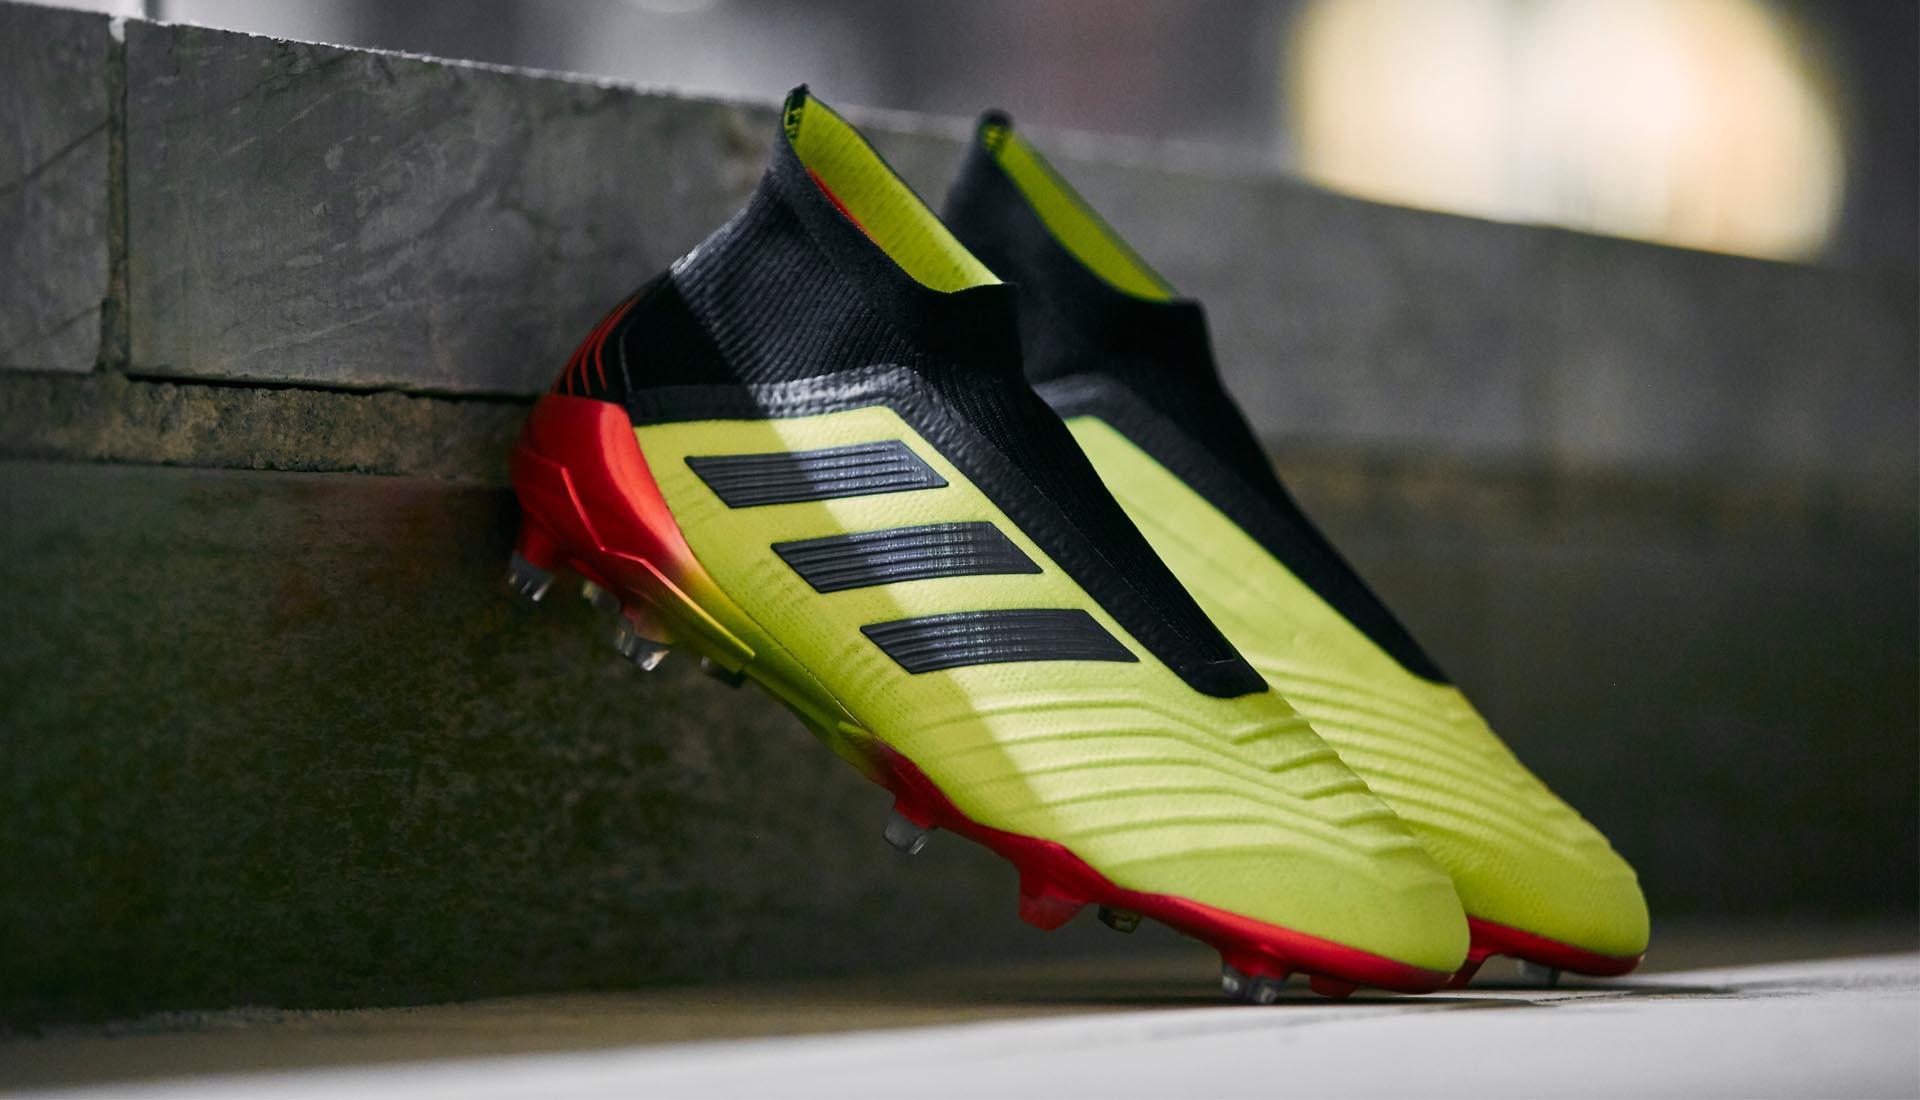 reputable site 26dc7 03ab9 botas adidas predator